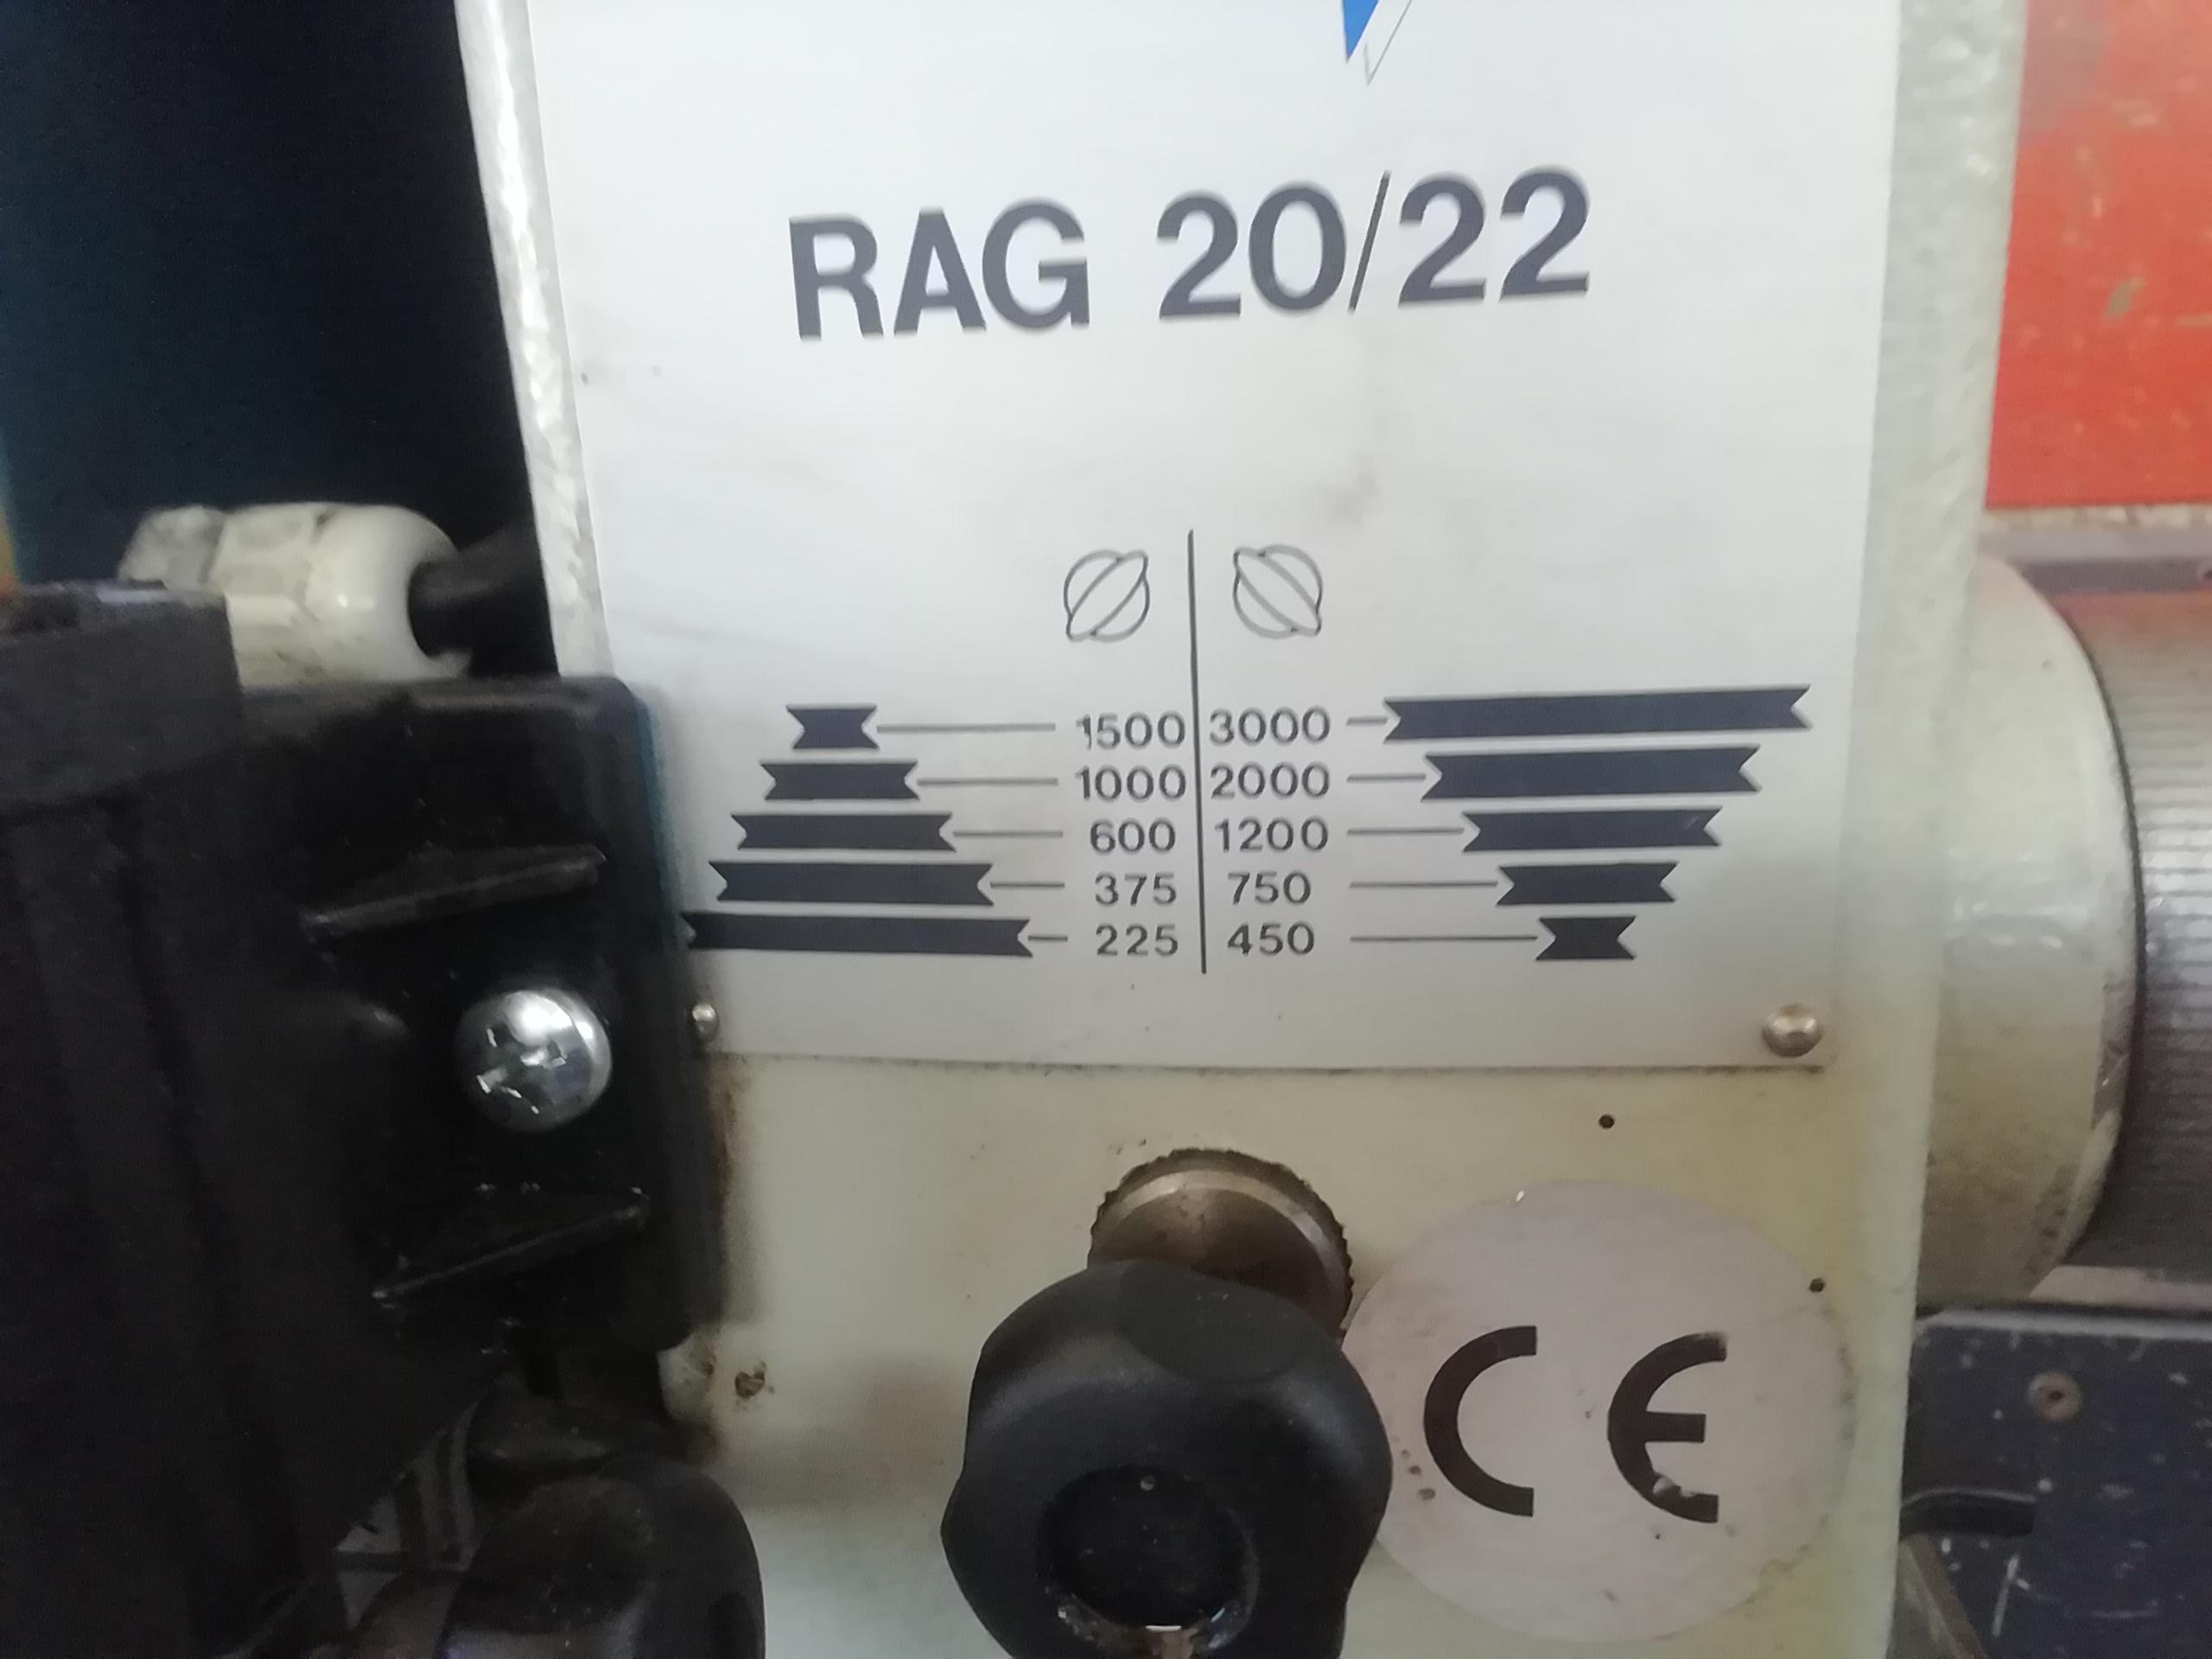 Trapano a colonna Sermac Rag 20/22 in vendita - foto 4